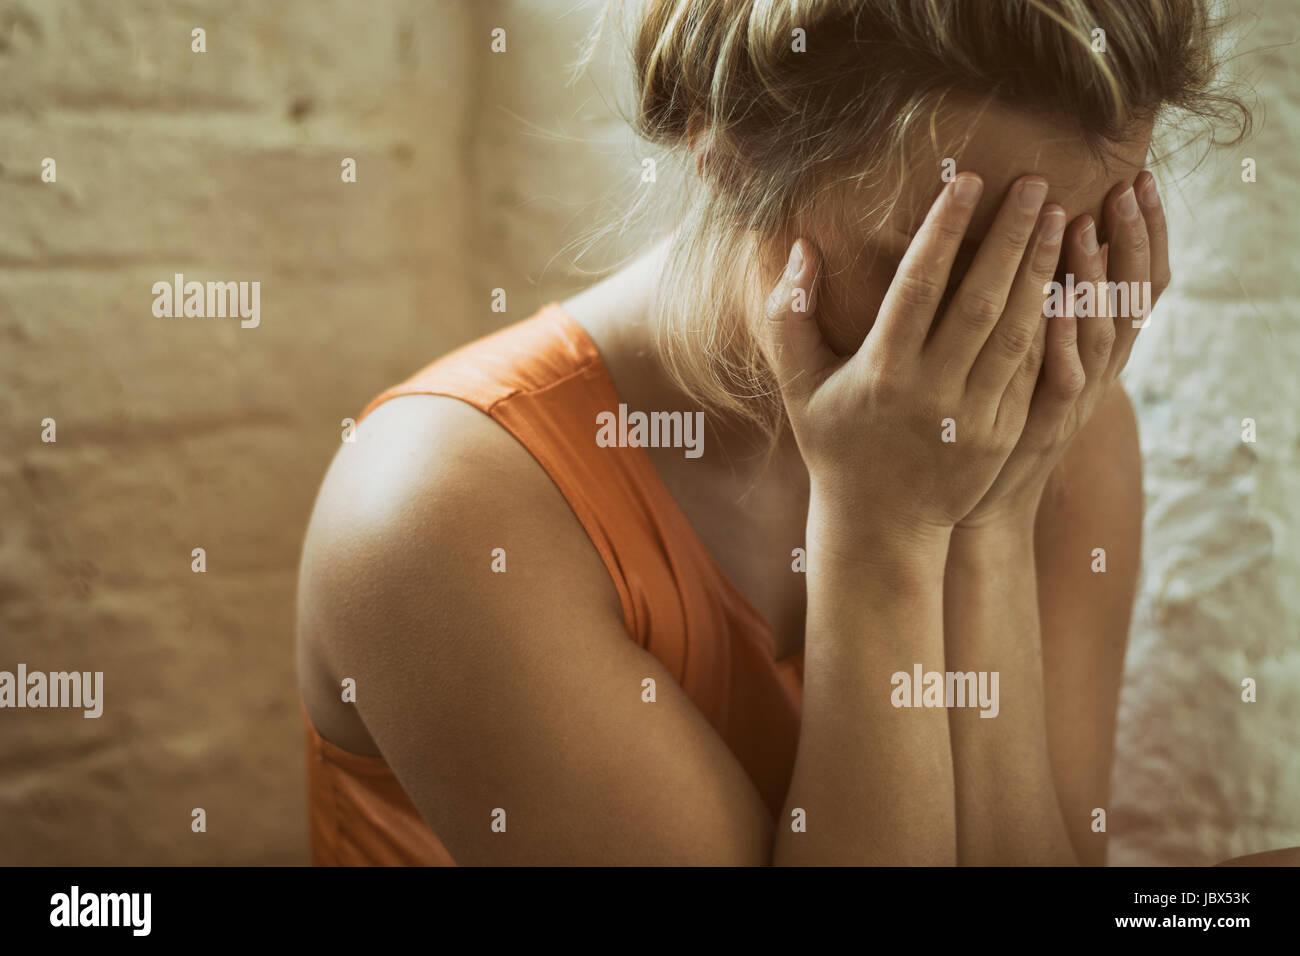 Gros plan d'une jeune femme triste de se cacher le visage avec les mains de pleurer Photo Stock